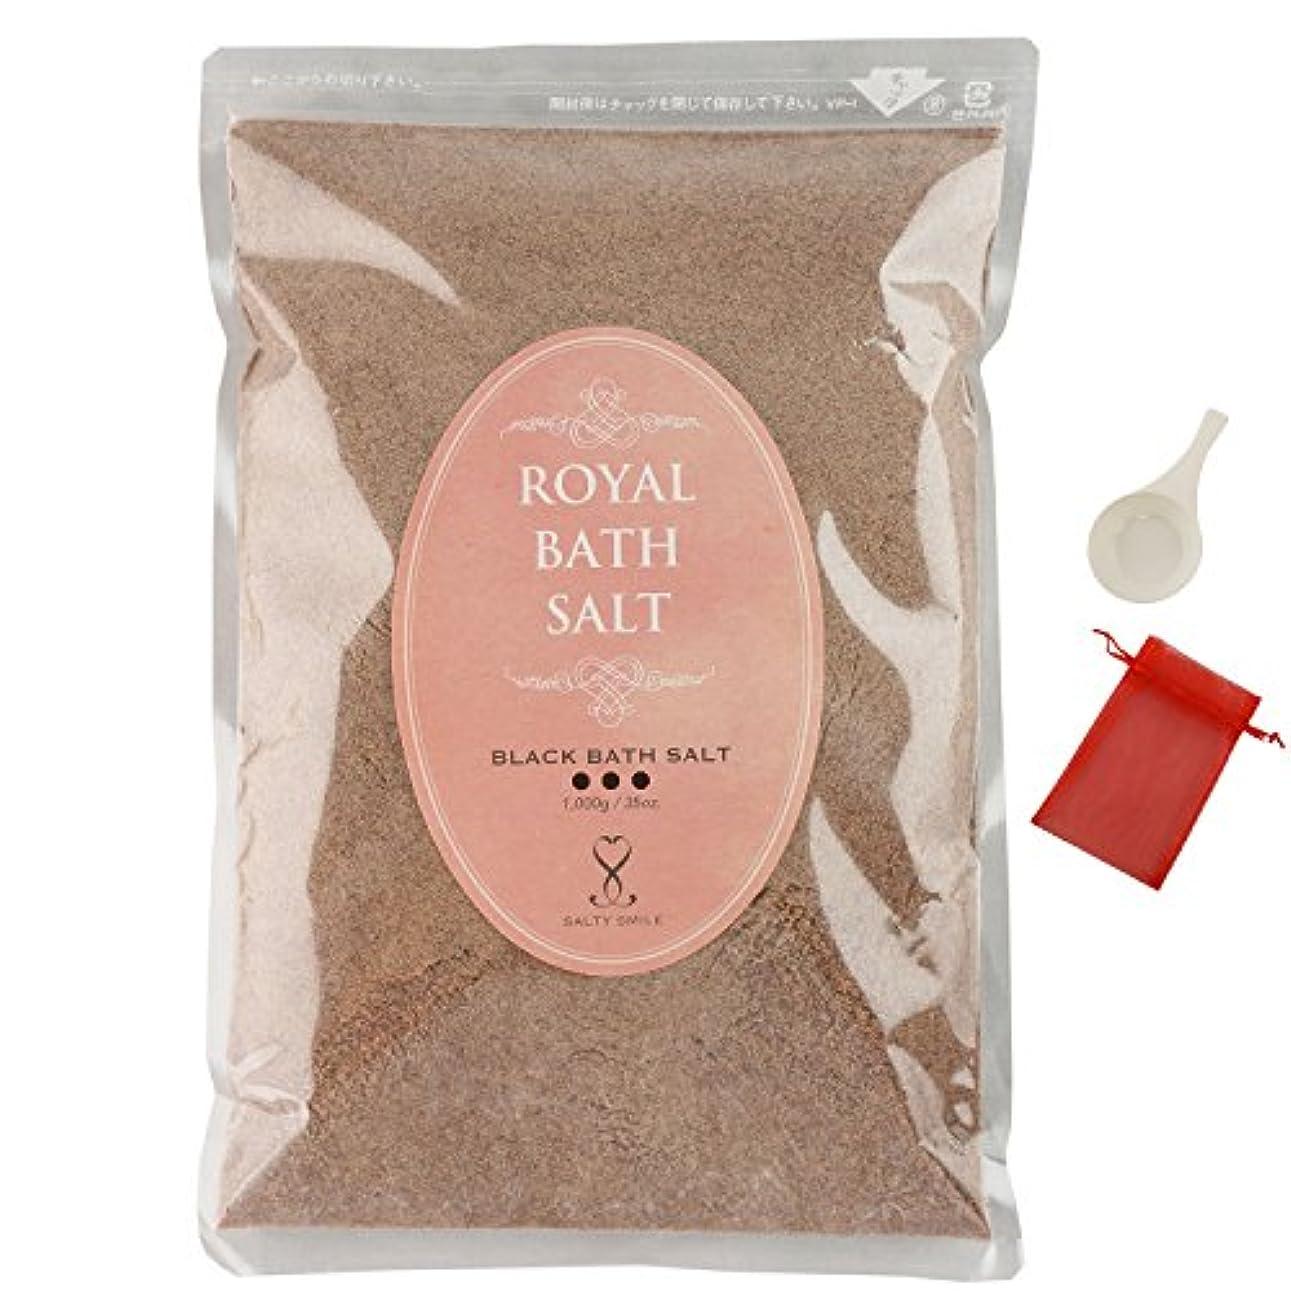 目に見えるバラエティバースロイヤルバスソルト ブラックパウダー 岩塩 ROYAL BATH SALT (1,000g【1㎏】)